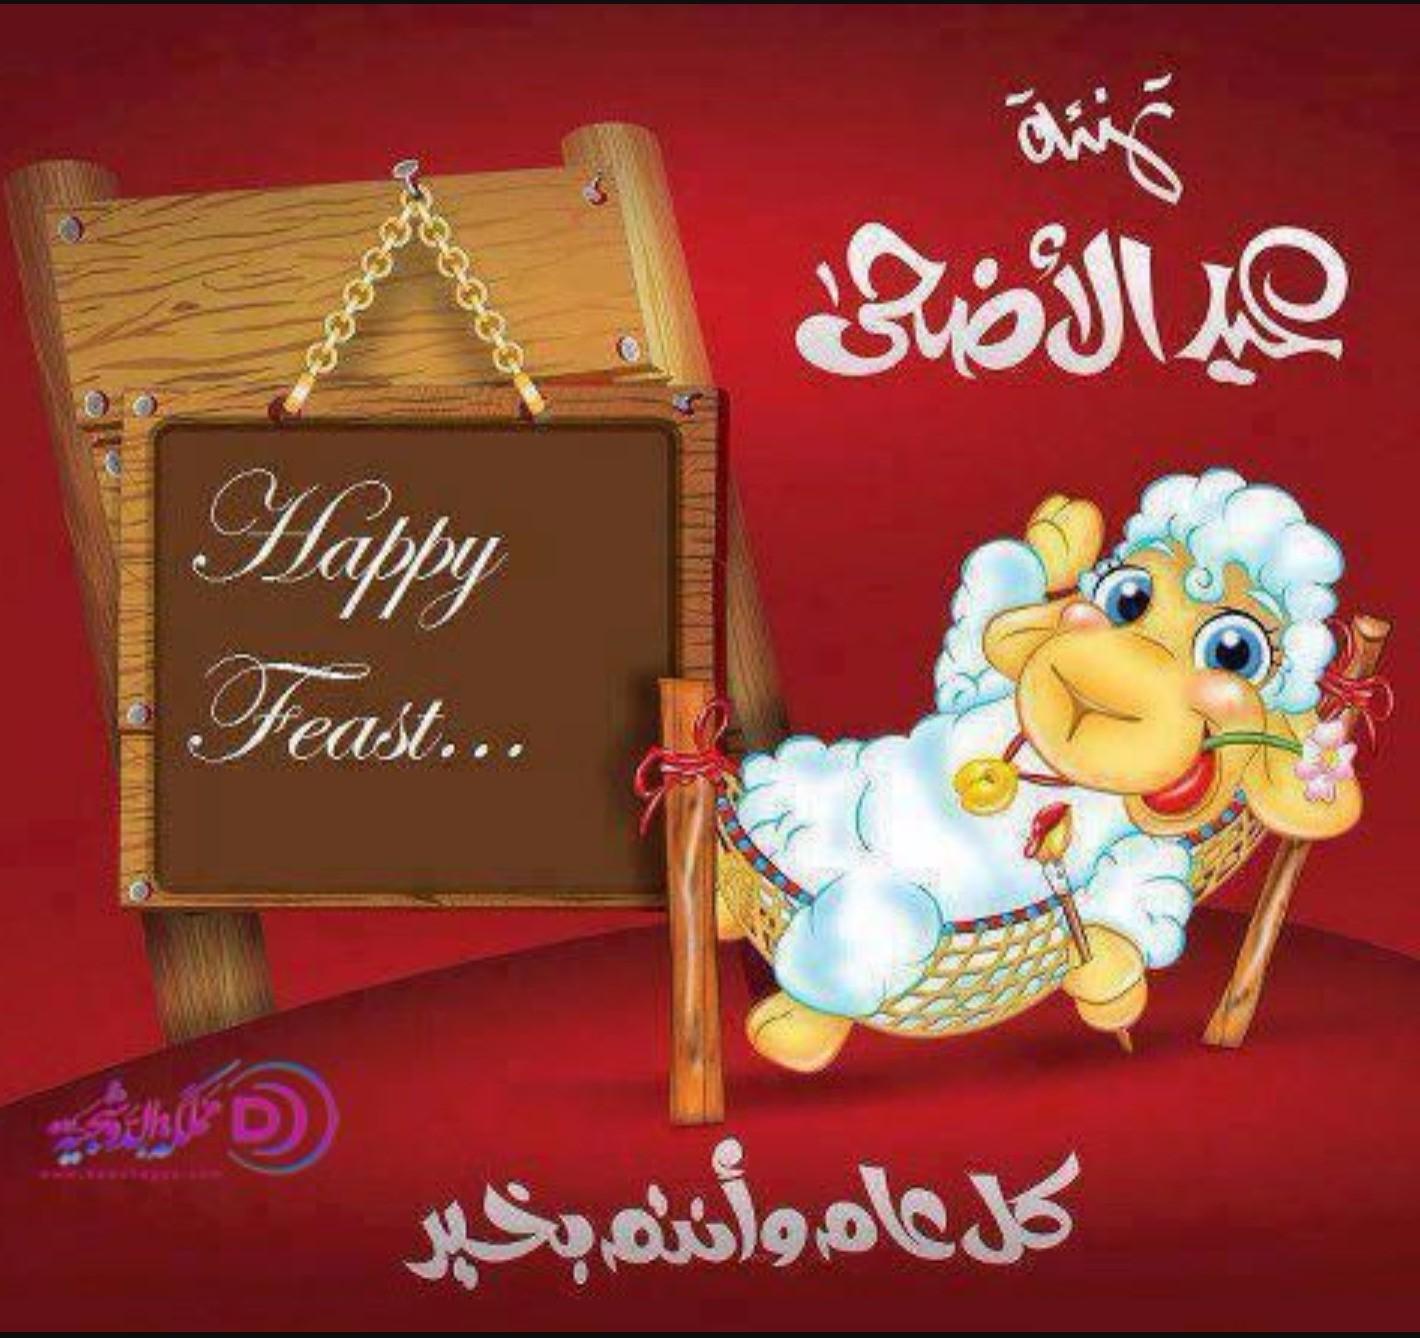 كل عام وانتم بالف خير اتمنى للجميع عيد اضحى مبارك ينعاد عليكم بالخير والعافيه